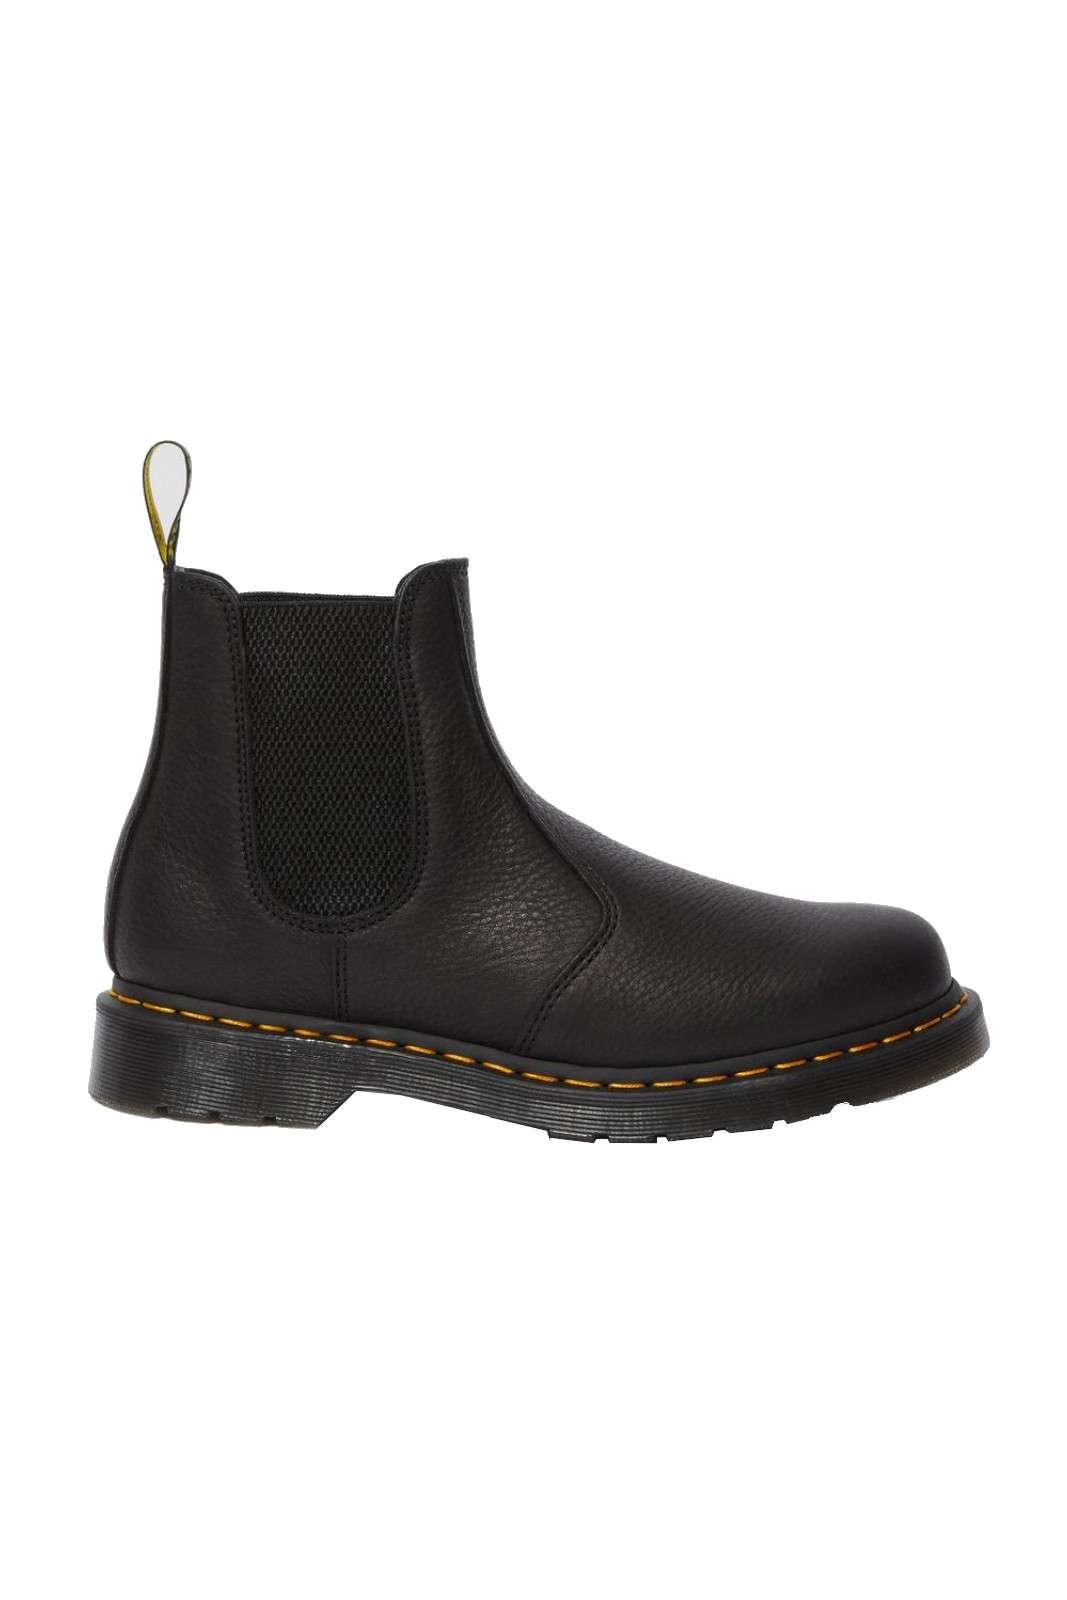 Scopri il nuovo Boot Chelsea firmato dalla collezione uomo Dr. Martens. Da abbinare con ogni stile ripropone un look raffinato e retrò. Un'esclusivo pellame e una suola in gomma antiscivolo per offrire il massimo del confort.